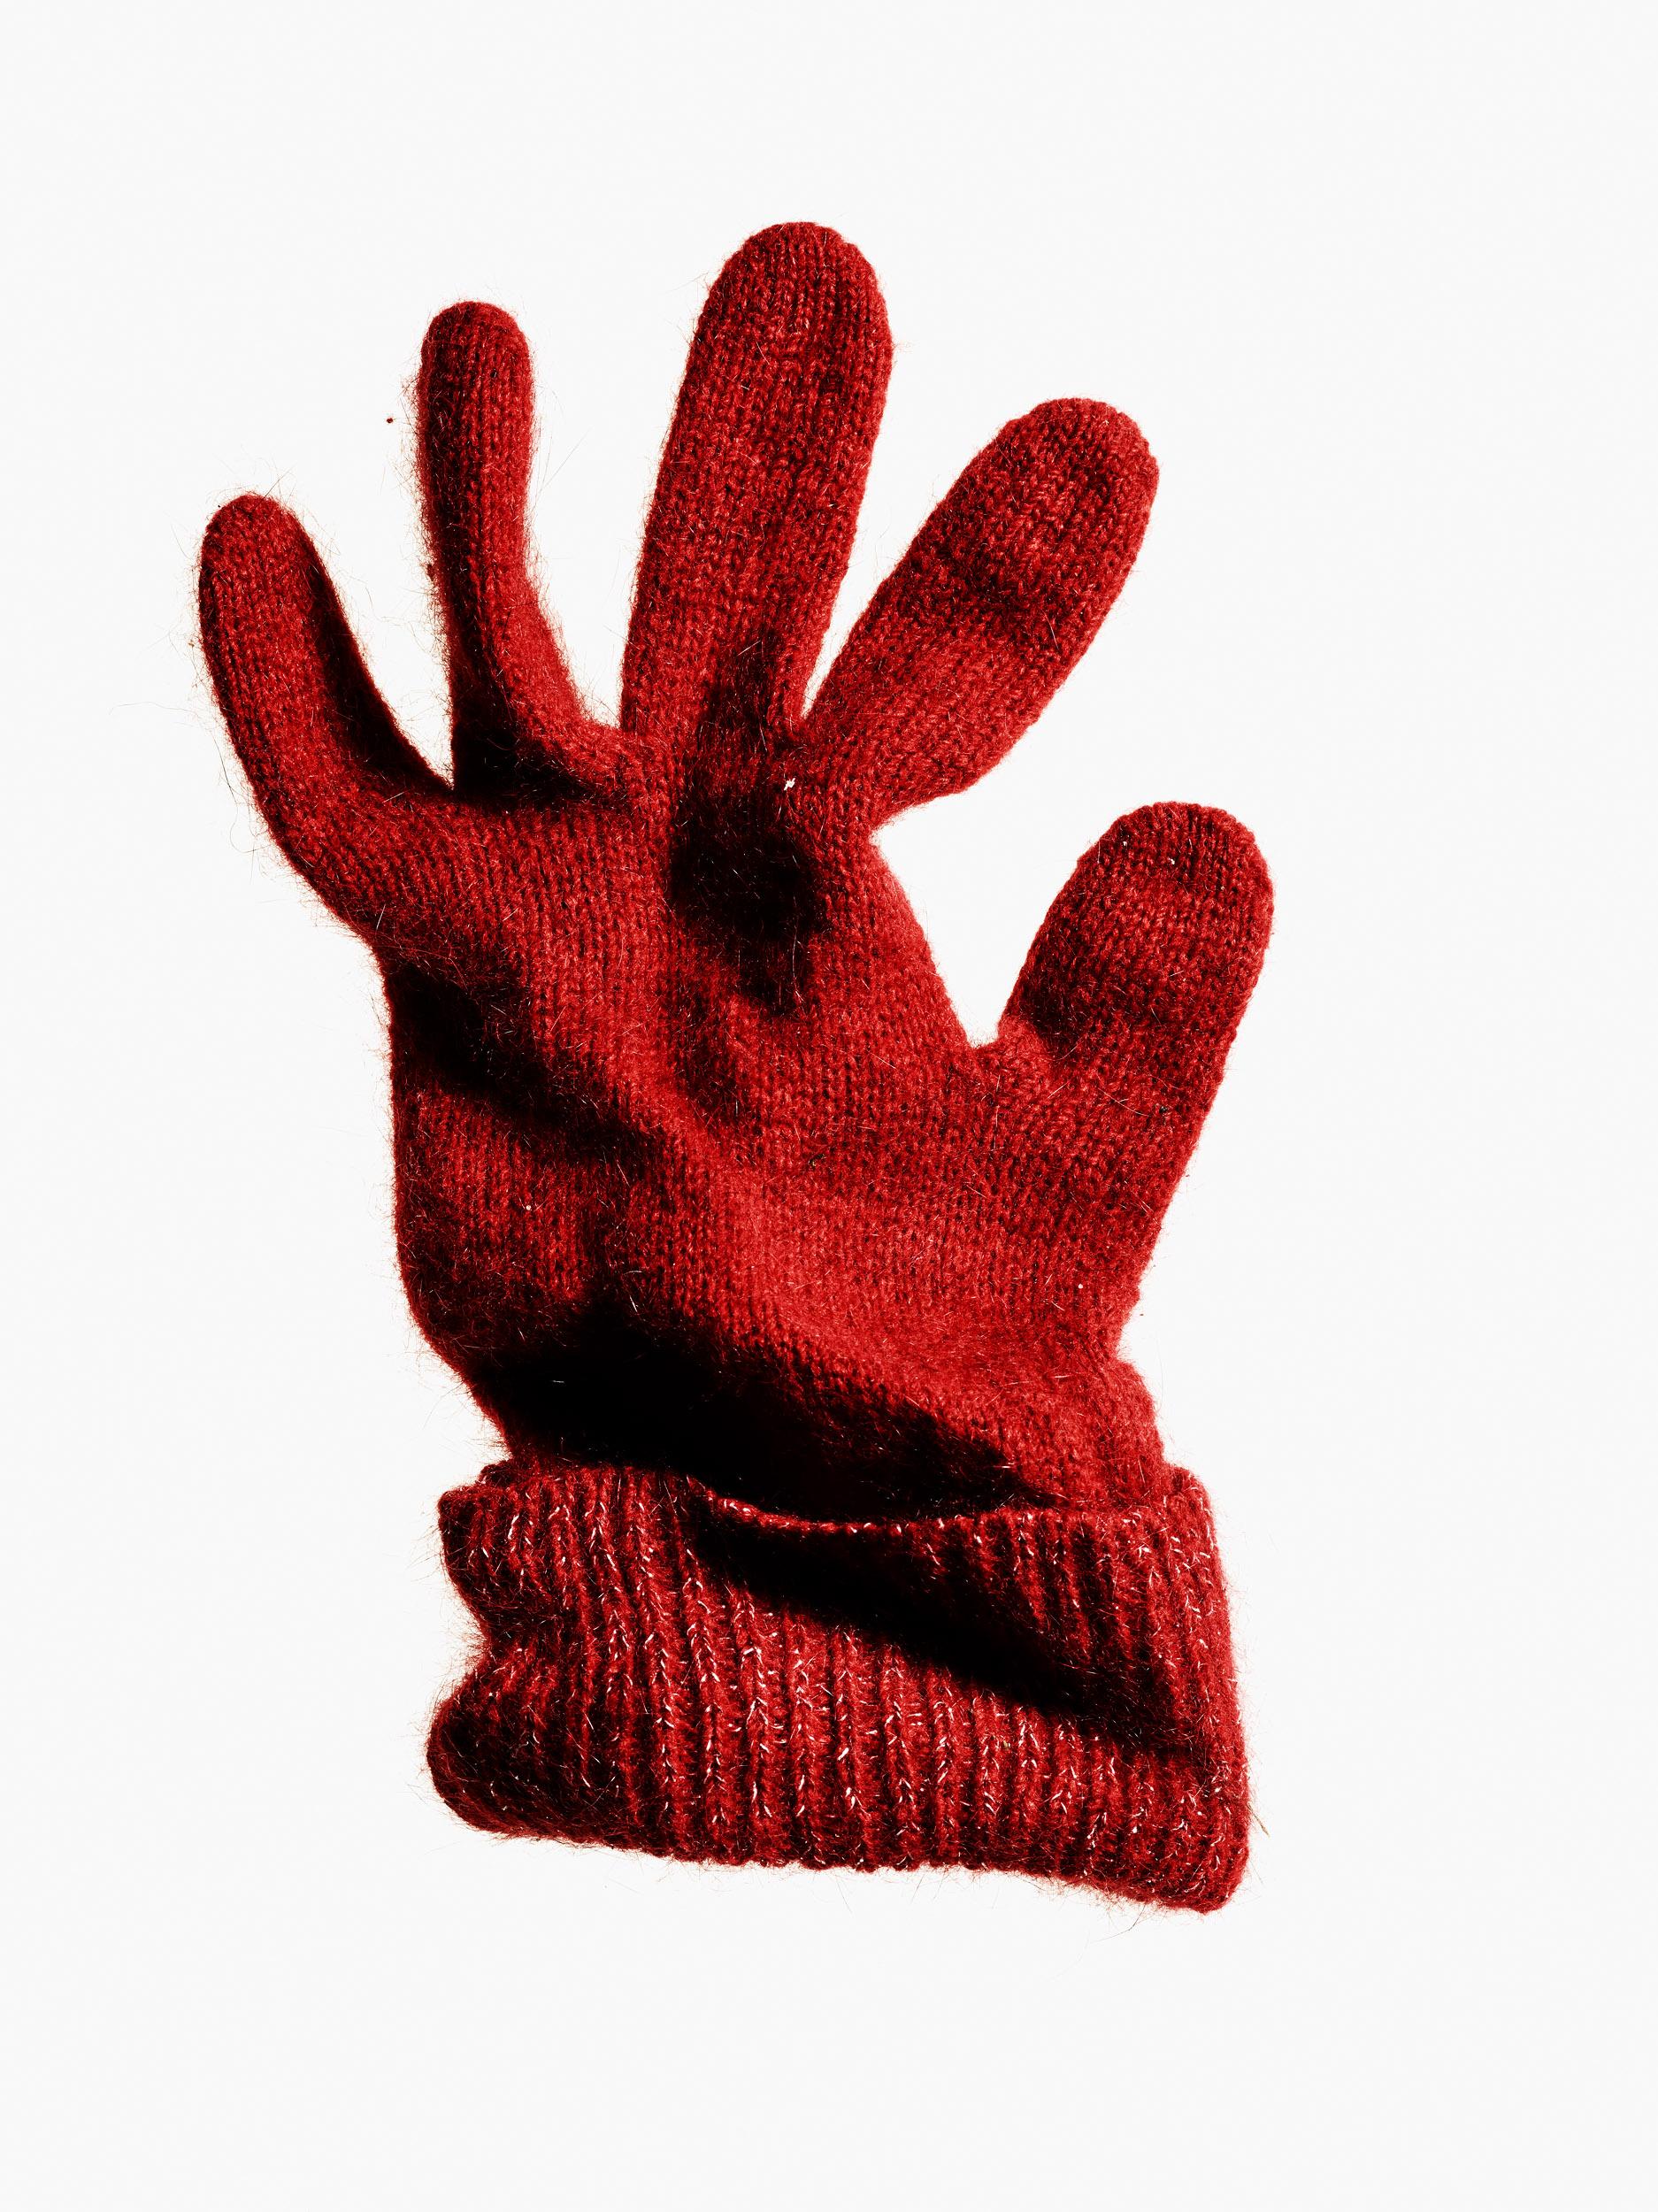 20190321 Gloves-2714.jpg